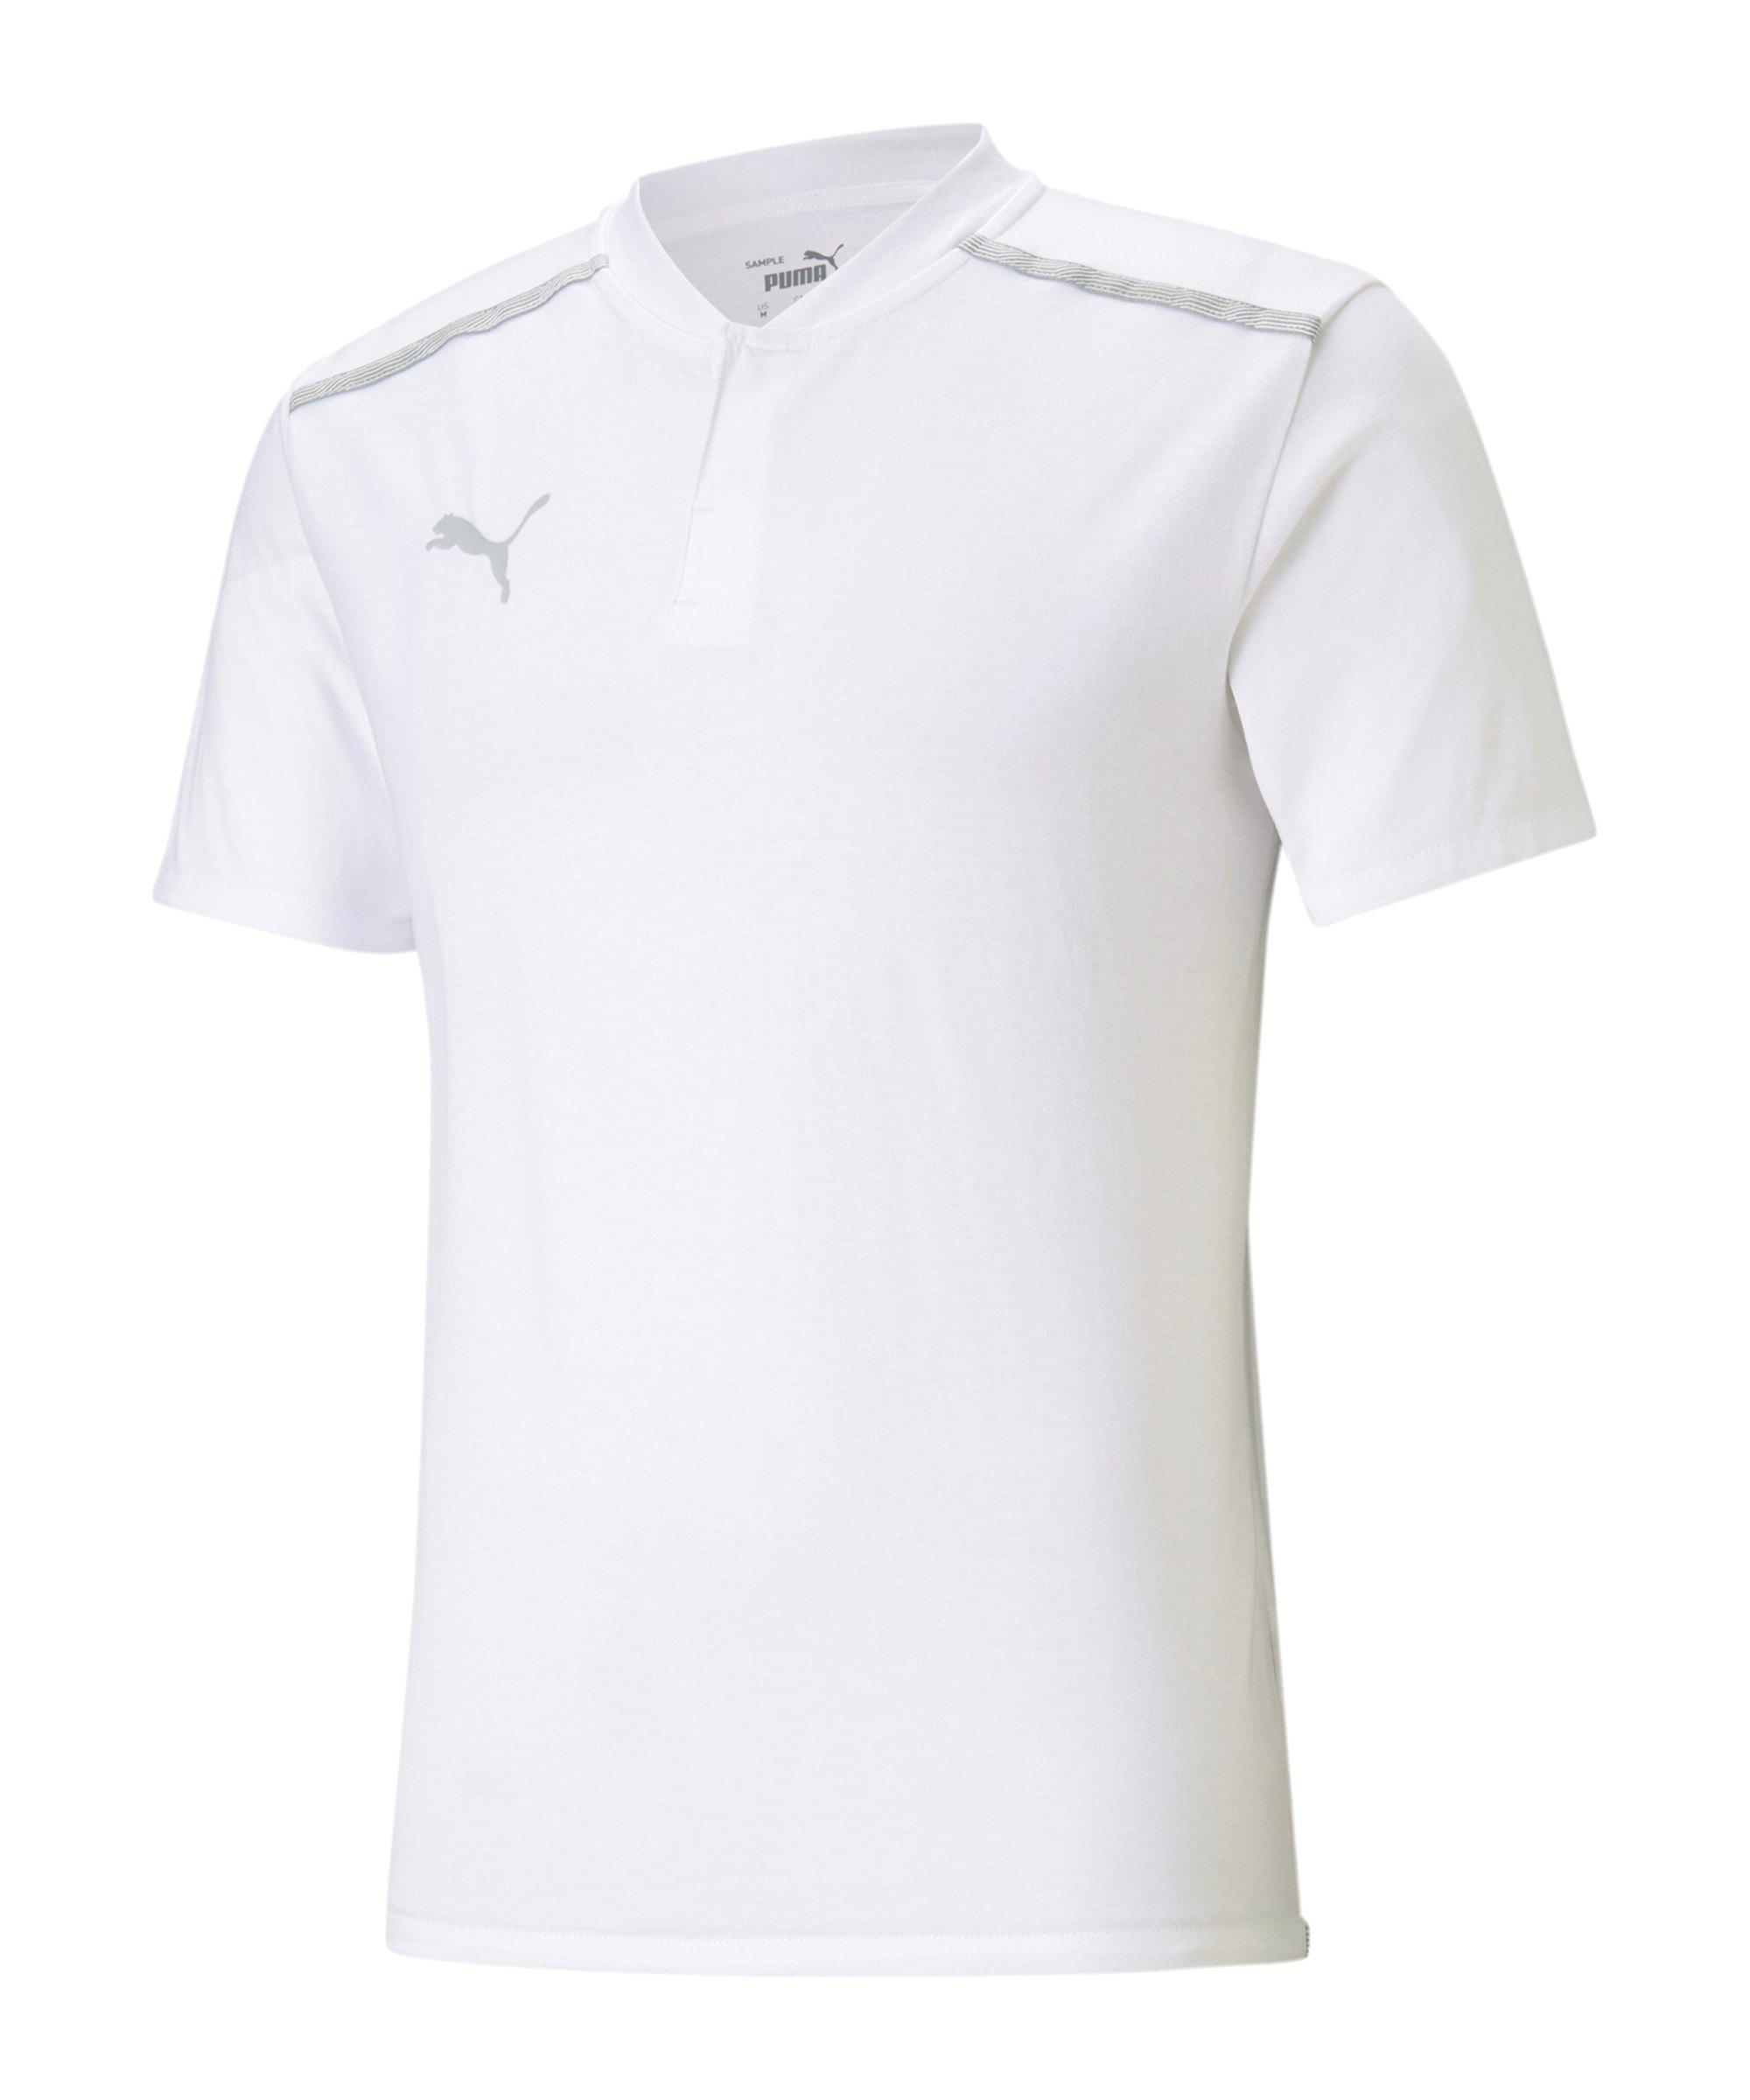 PUMA teamCUP Casuals Poloshirt Weiss F04 - weiss